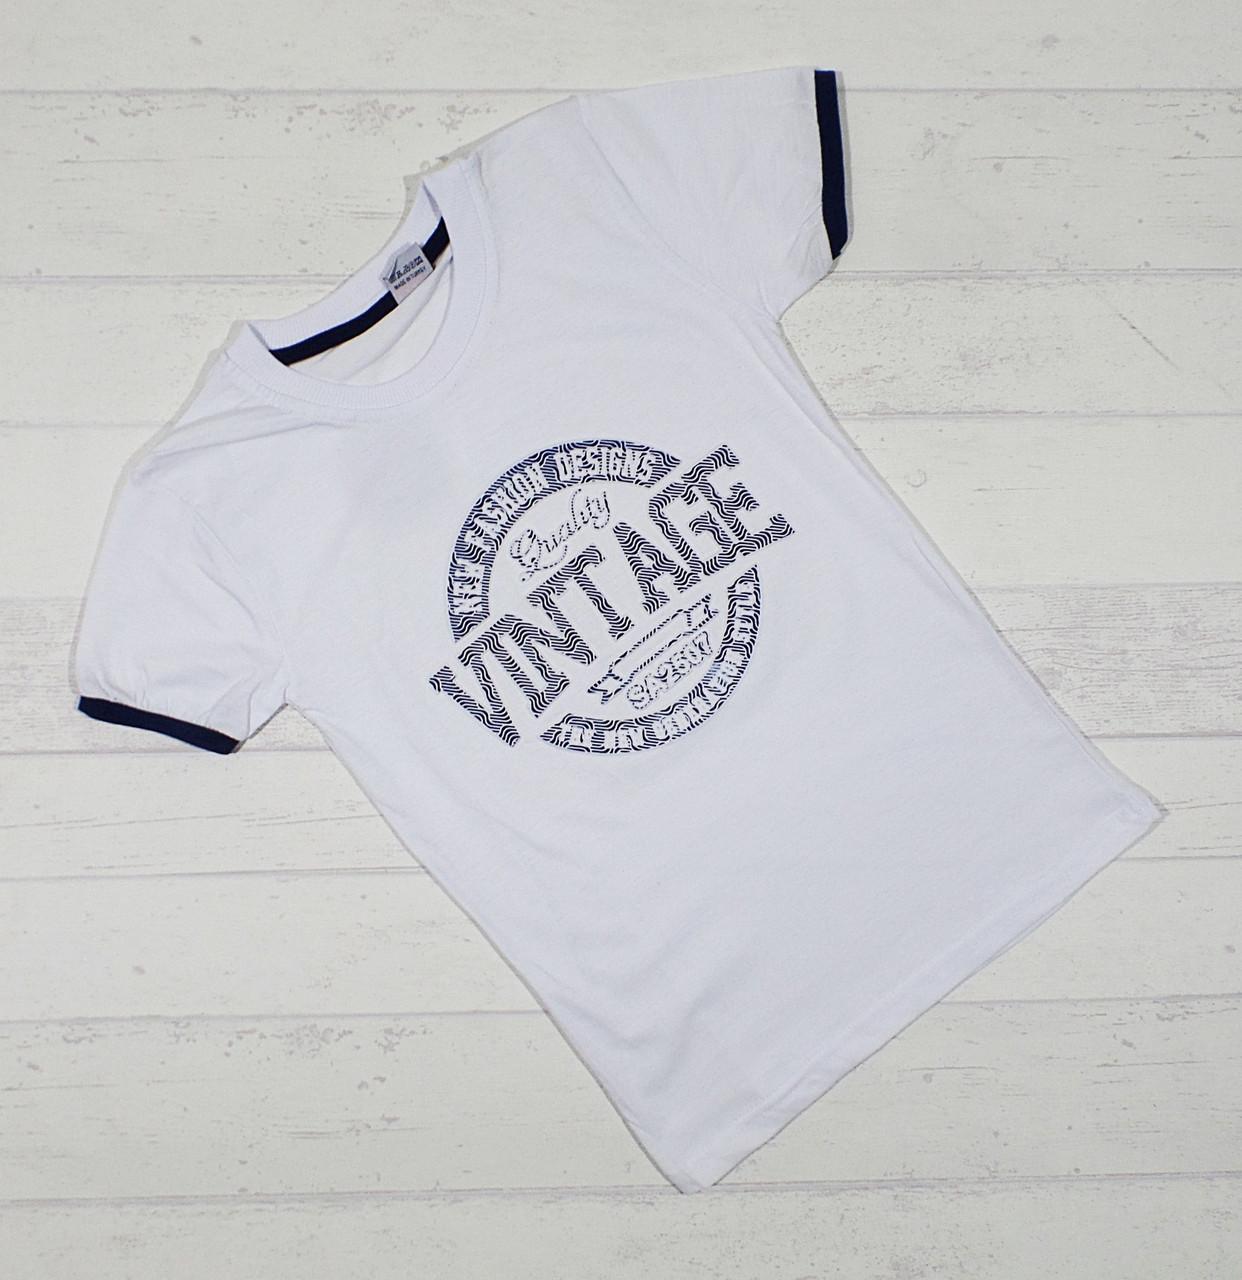 """Детская футболка на мальчика """" Vintage""""  8,9,10,11,12 лет."""